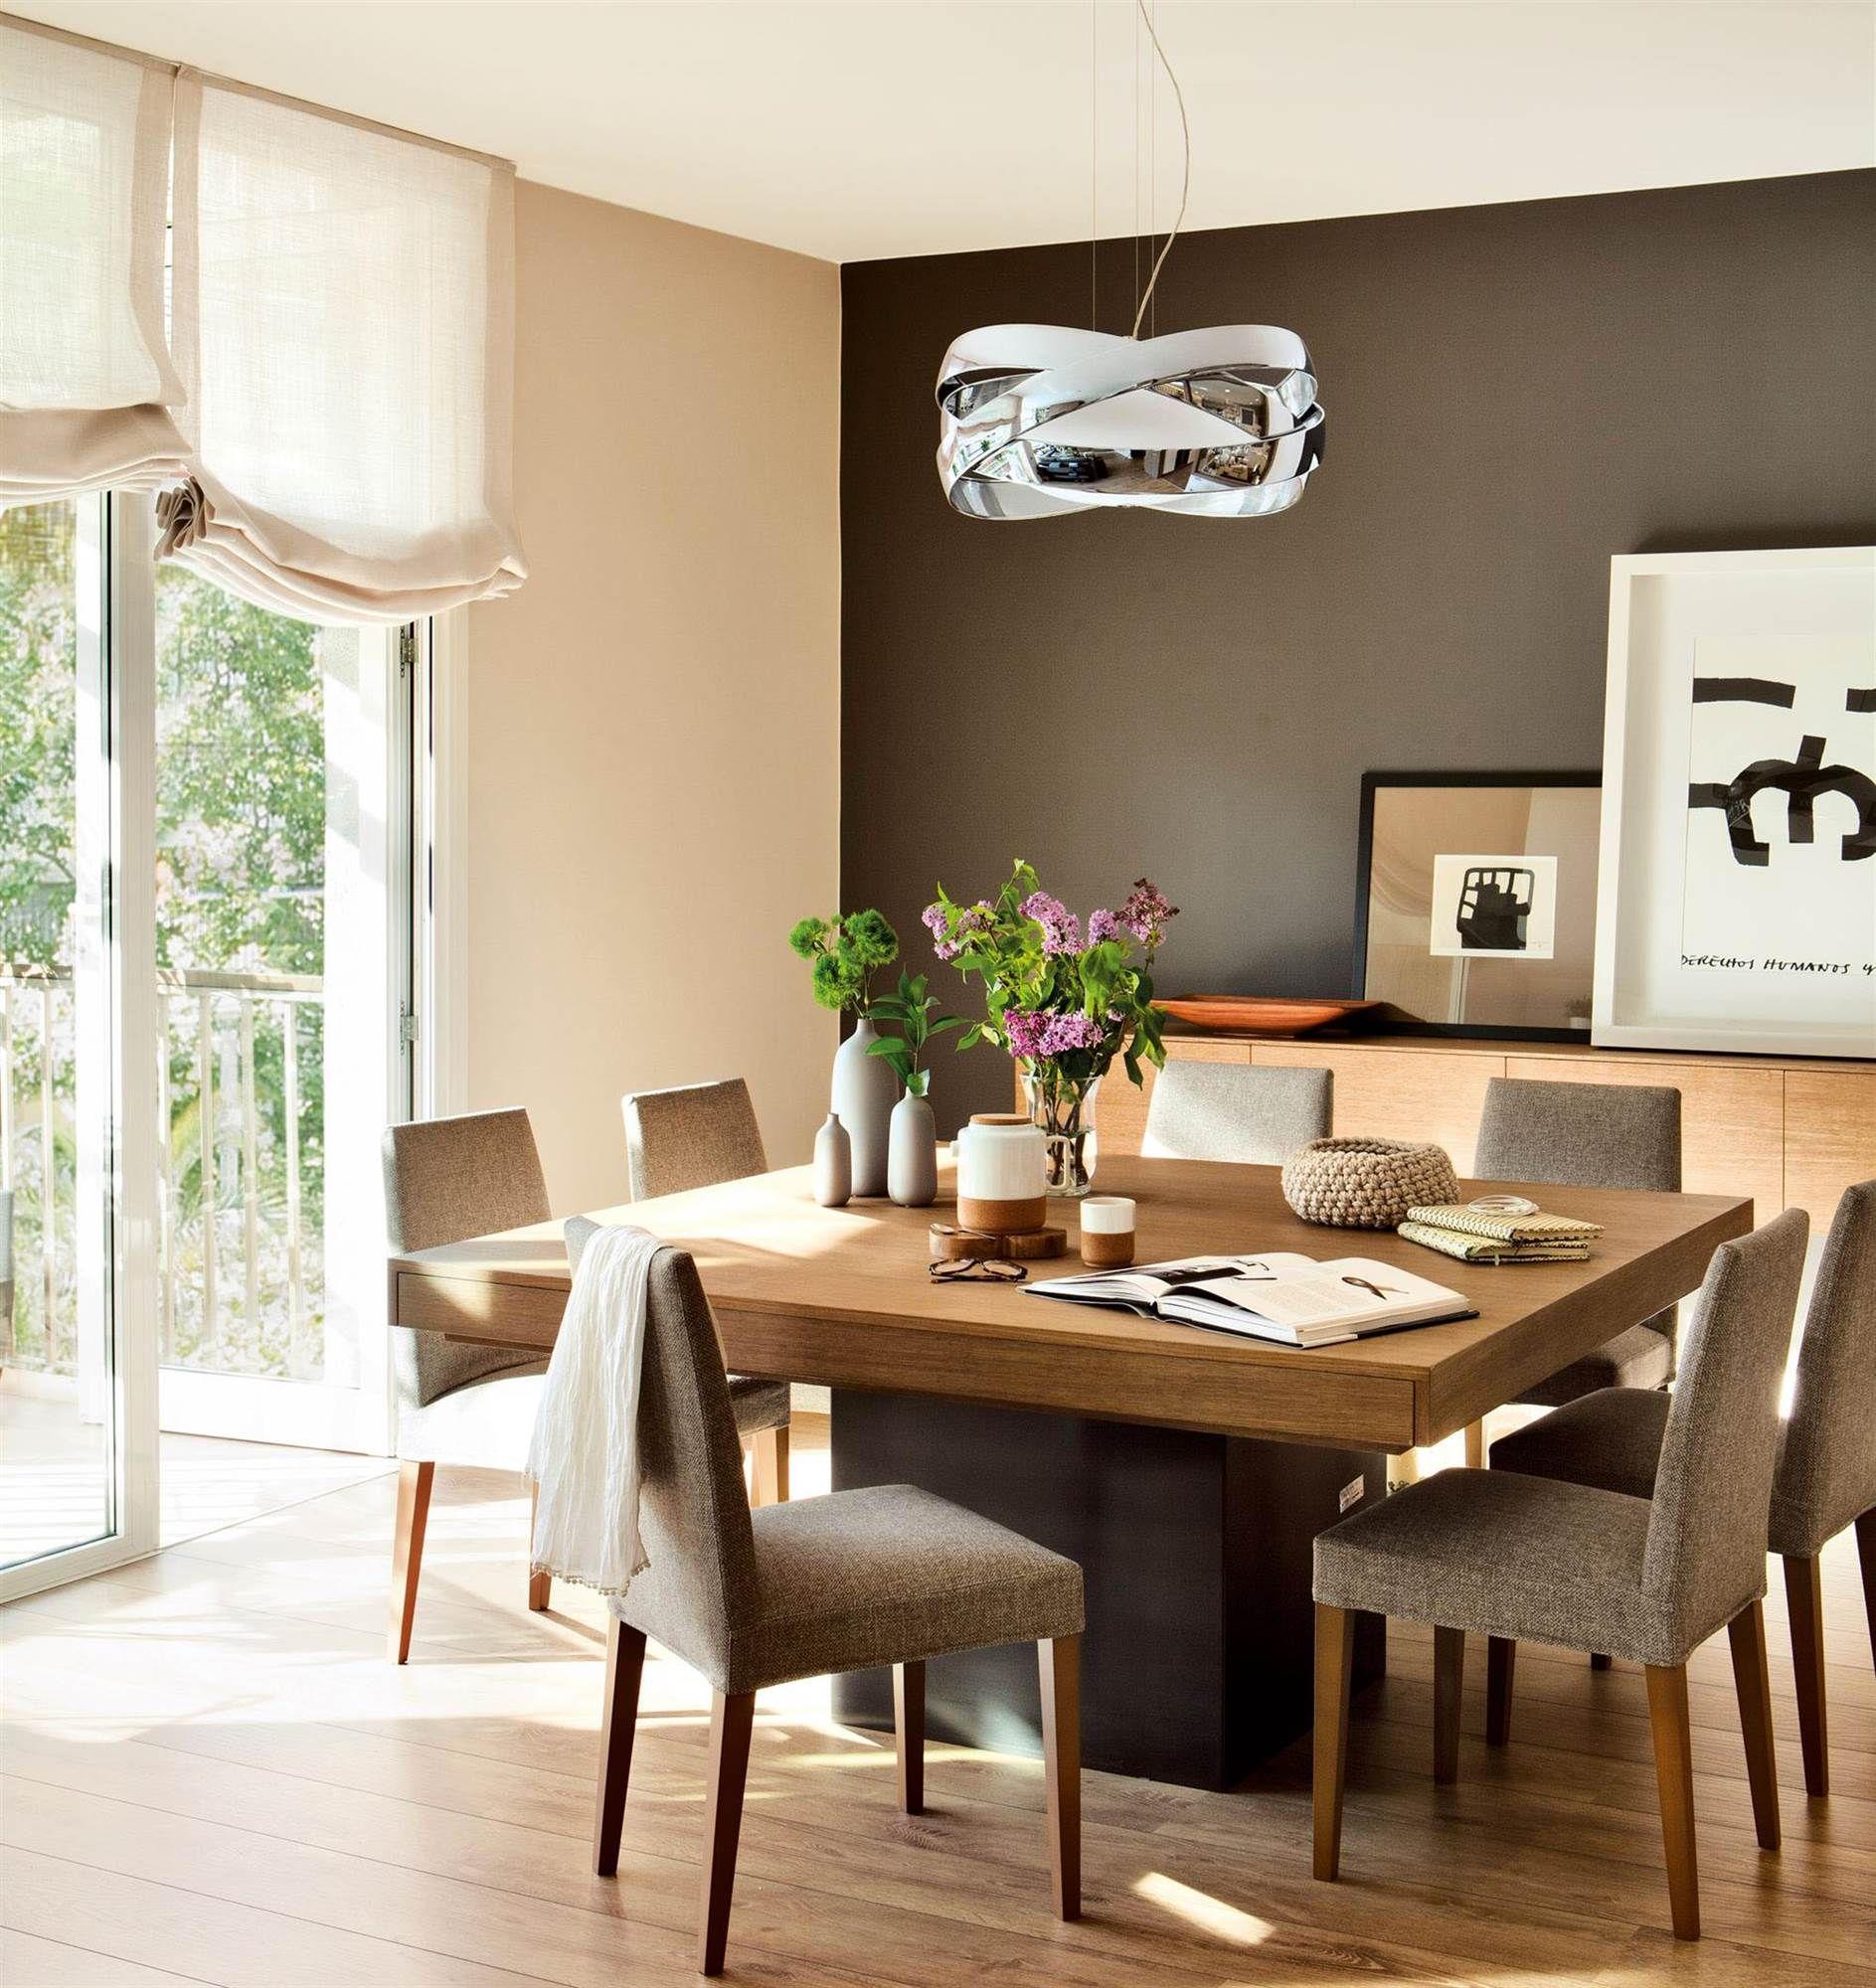 comedor con mesa cuadrada de madera, sillas tapizadas, lampara ...